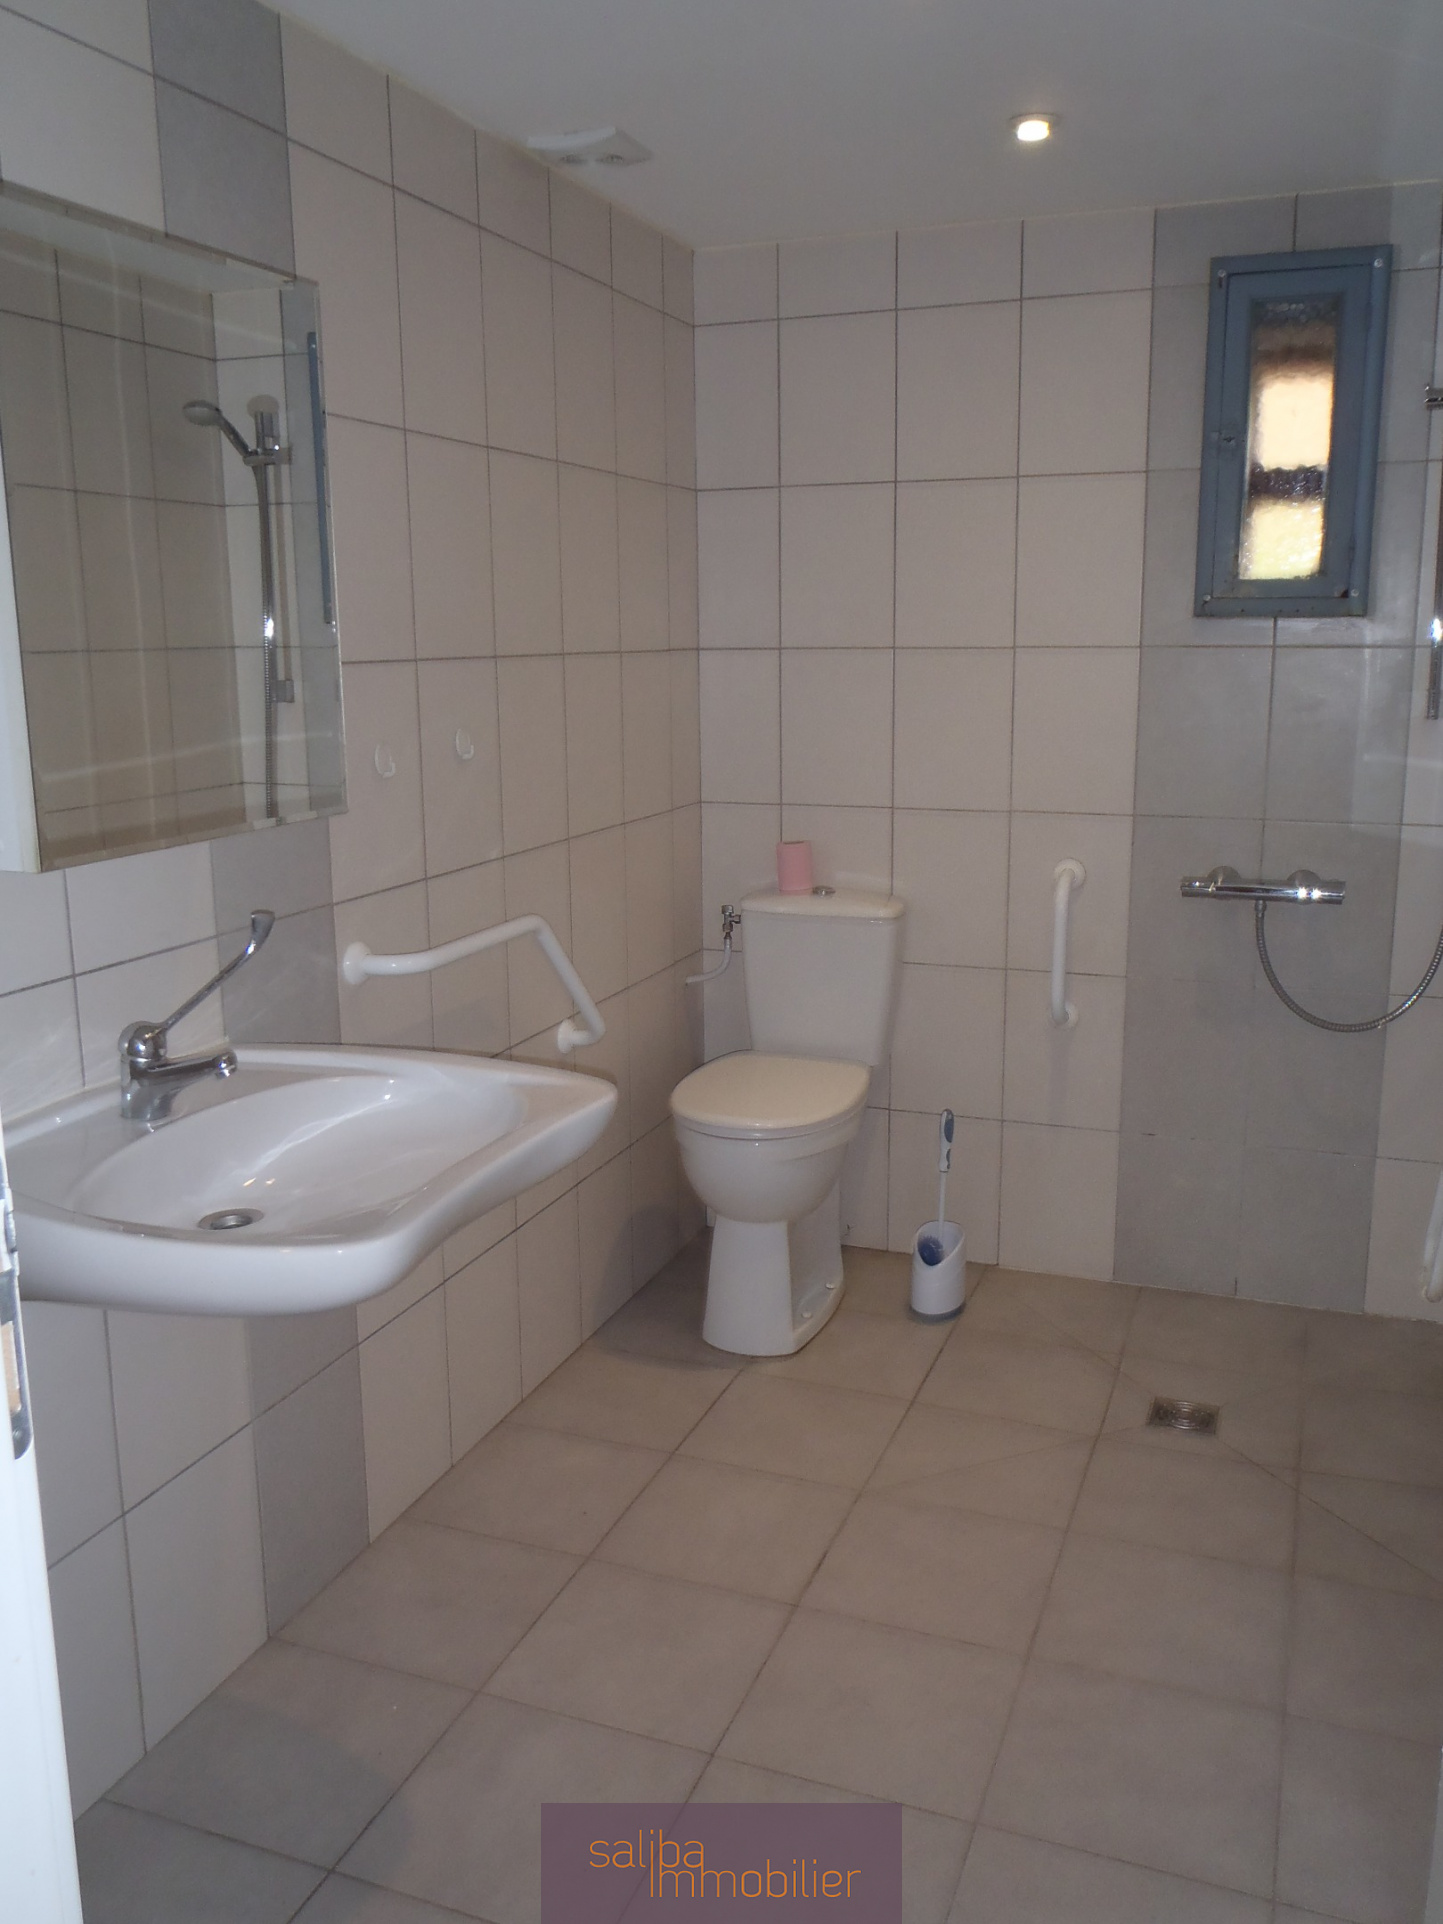 salle d'eau rdc